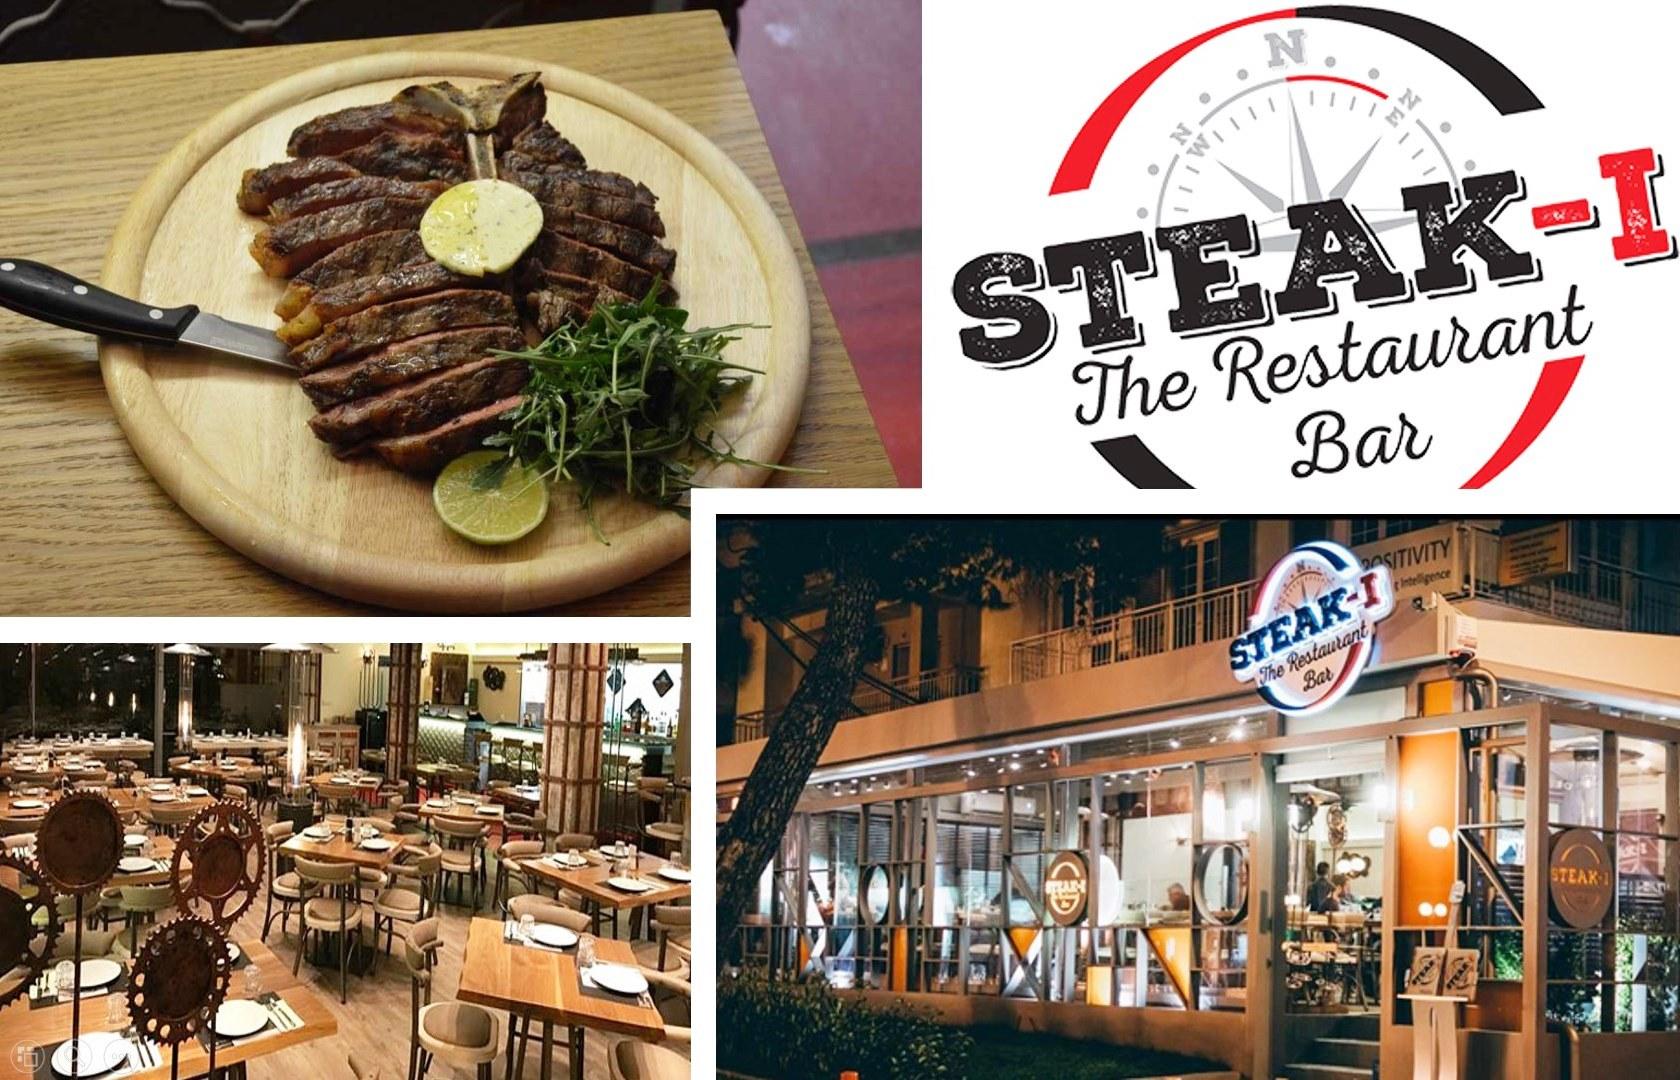 20€ από 40€ για πλήρες menu 2 ατόμων, ελεύθερη επιλογή, στο ''Steak-I'' στην Αγία Παρασκευή, για τους εραστές του καλού κρέατος εικόνα